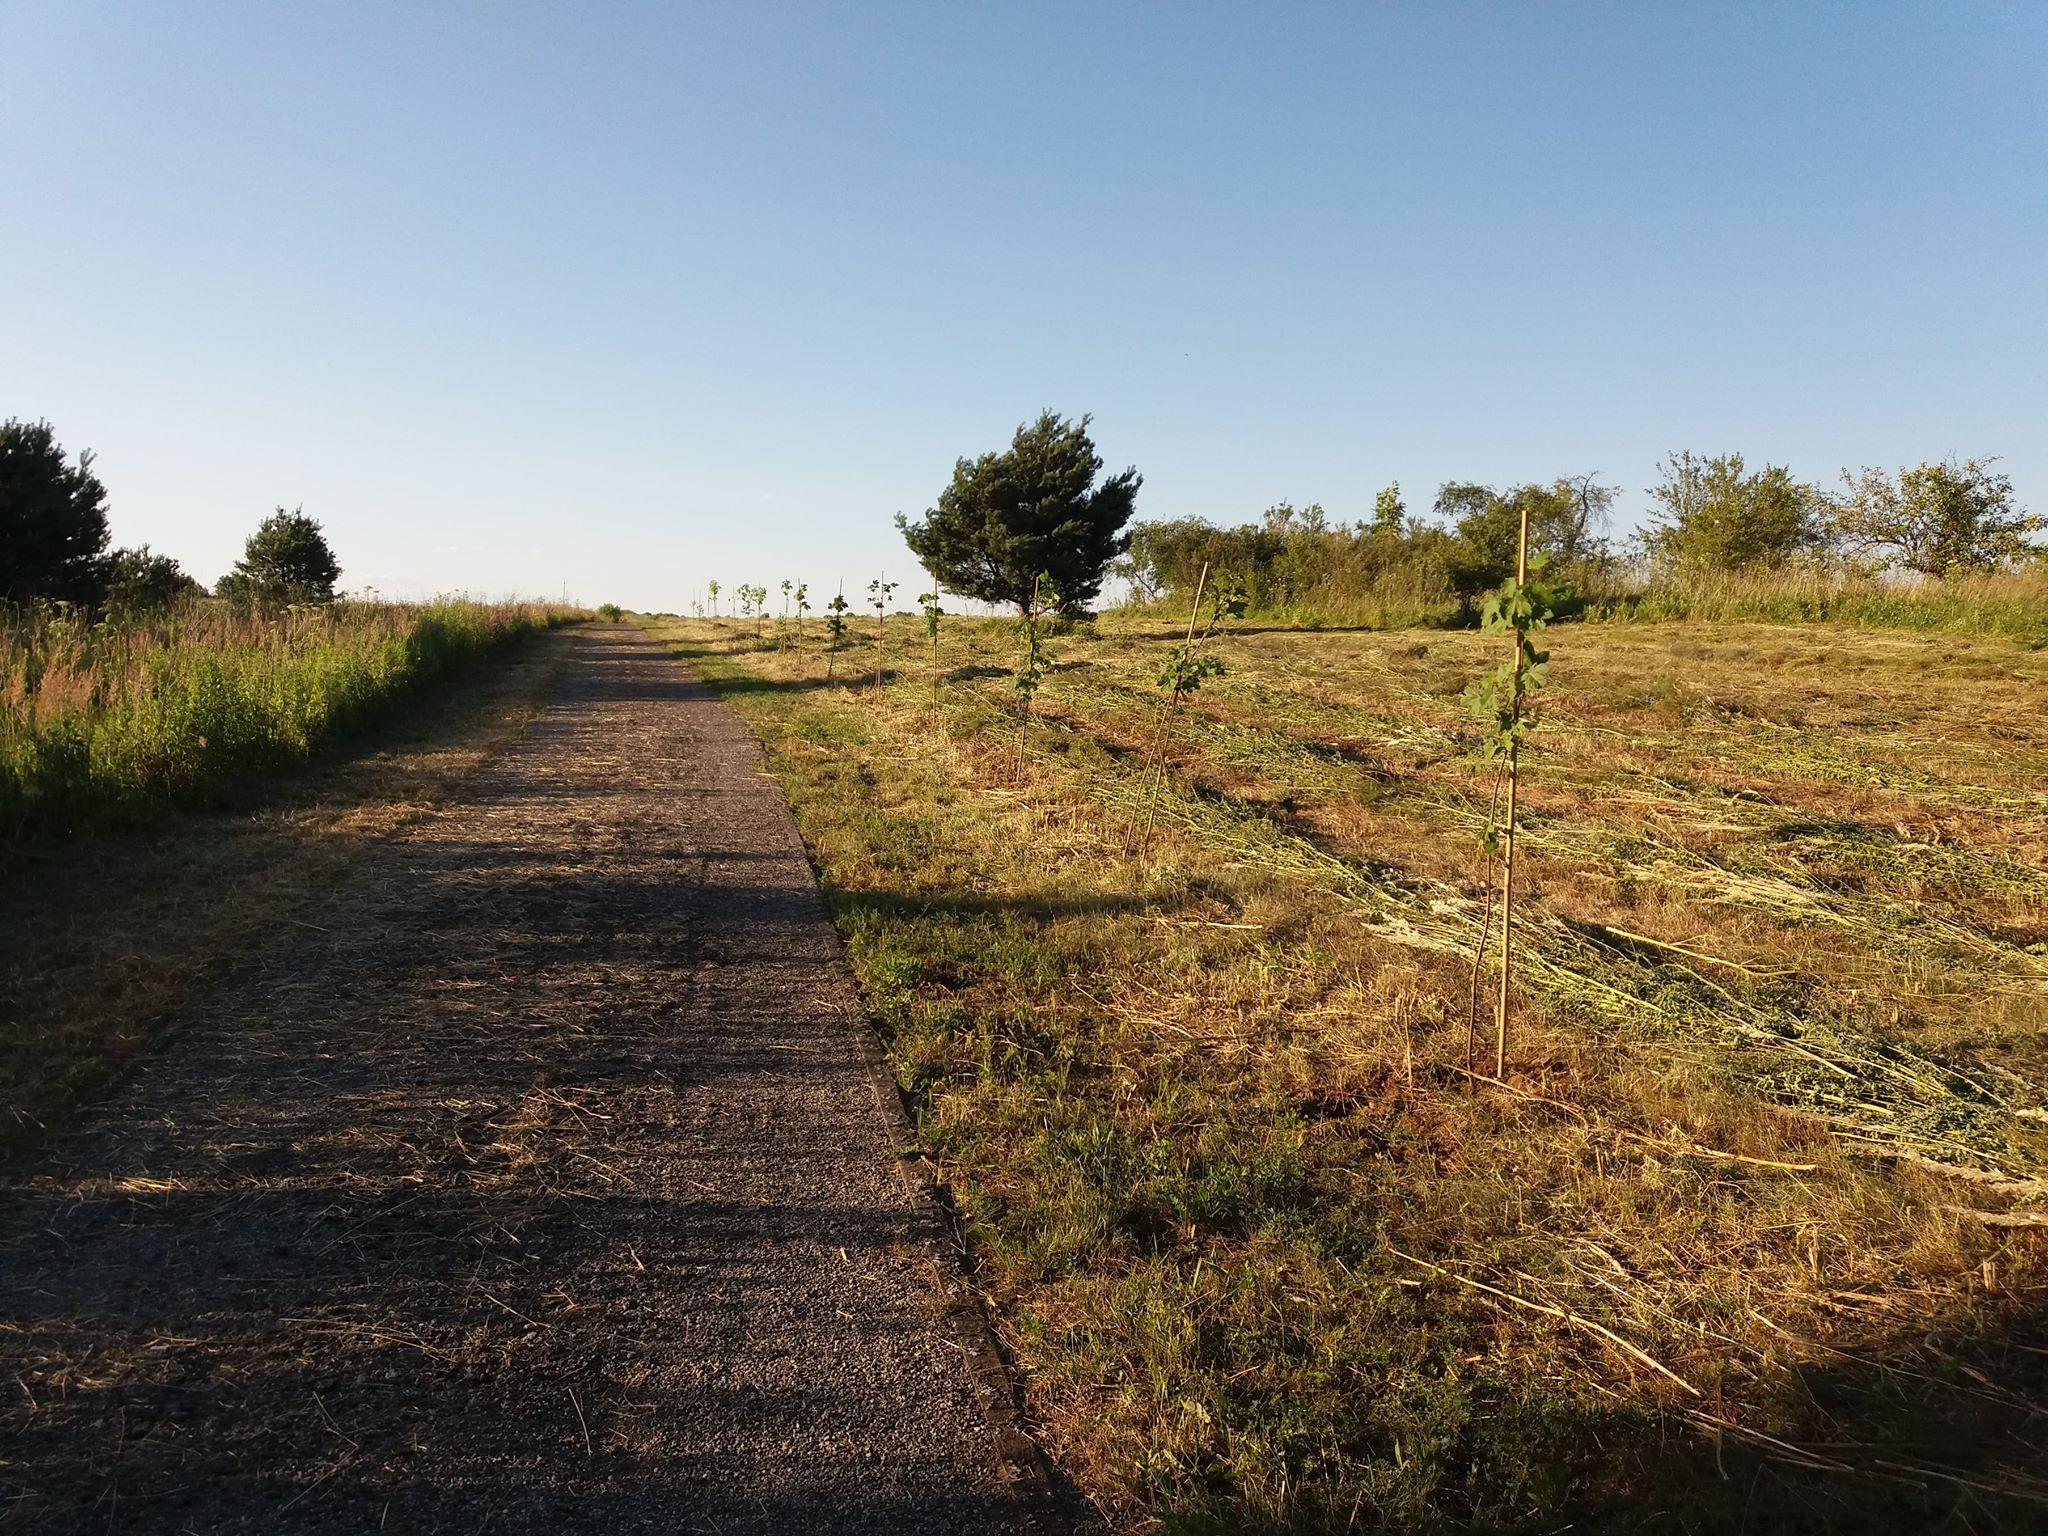 Drzewa nasadzone wzdłuż drogi